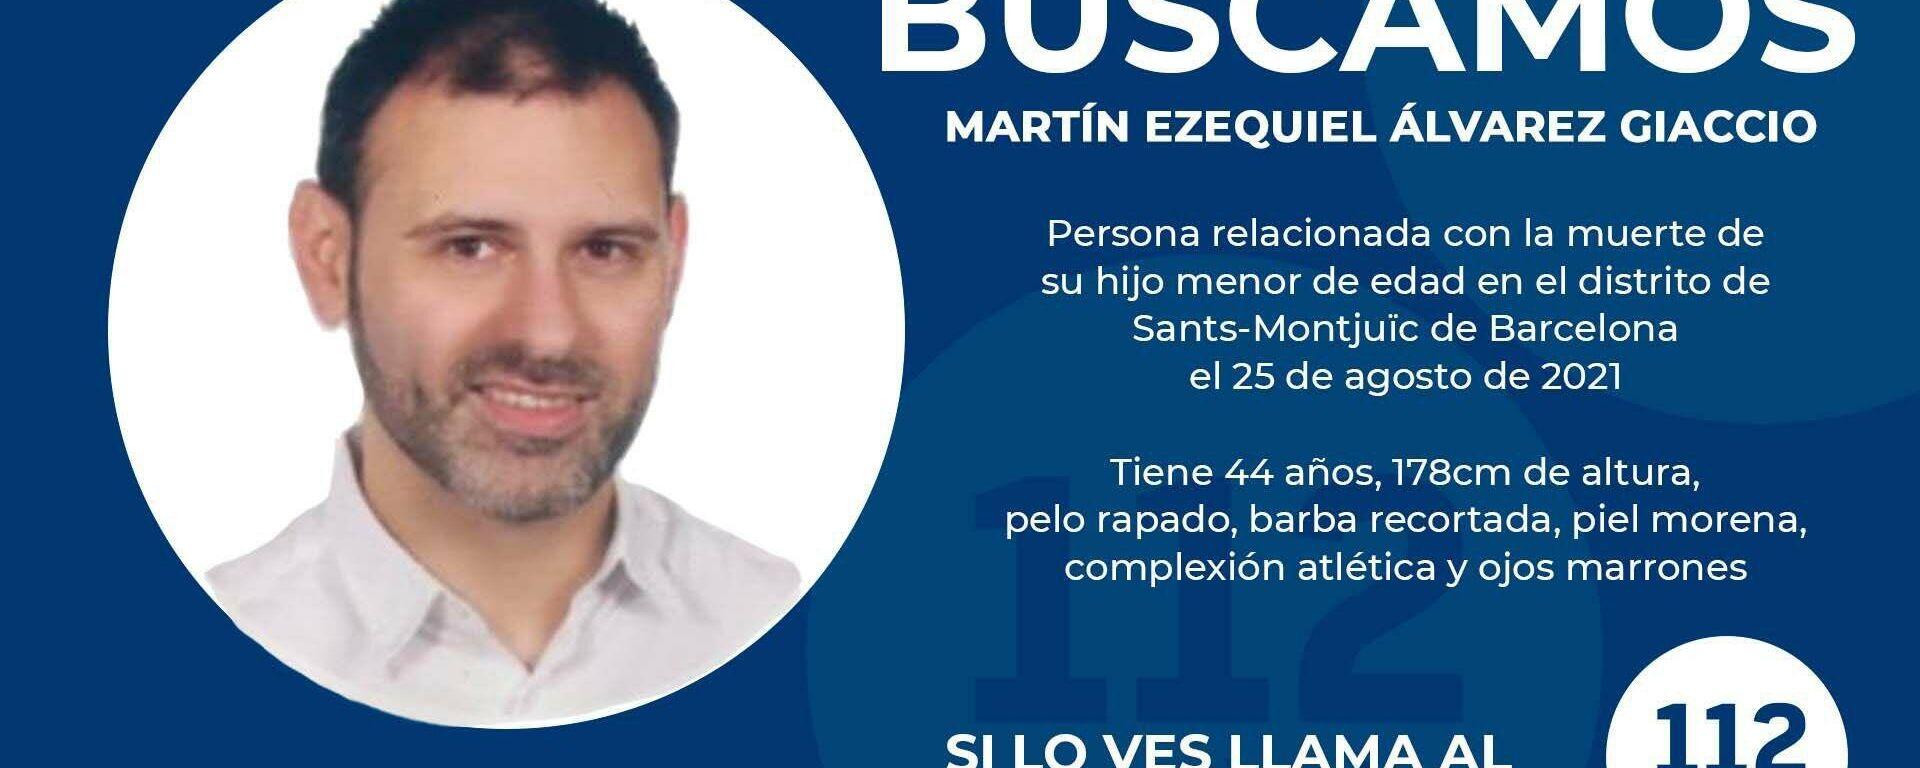 Ficha de búsqueda de Martín Ezequiel Álvarez, presunto asesino de su hijo en Barcelona - Sputnik Mundo, 1920, 31.08.2021